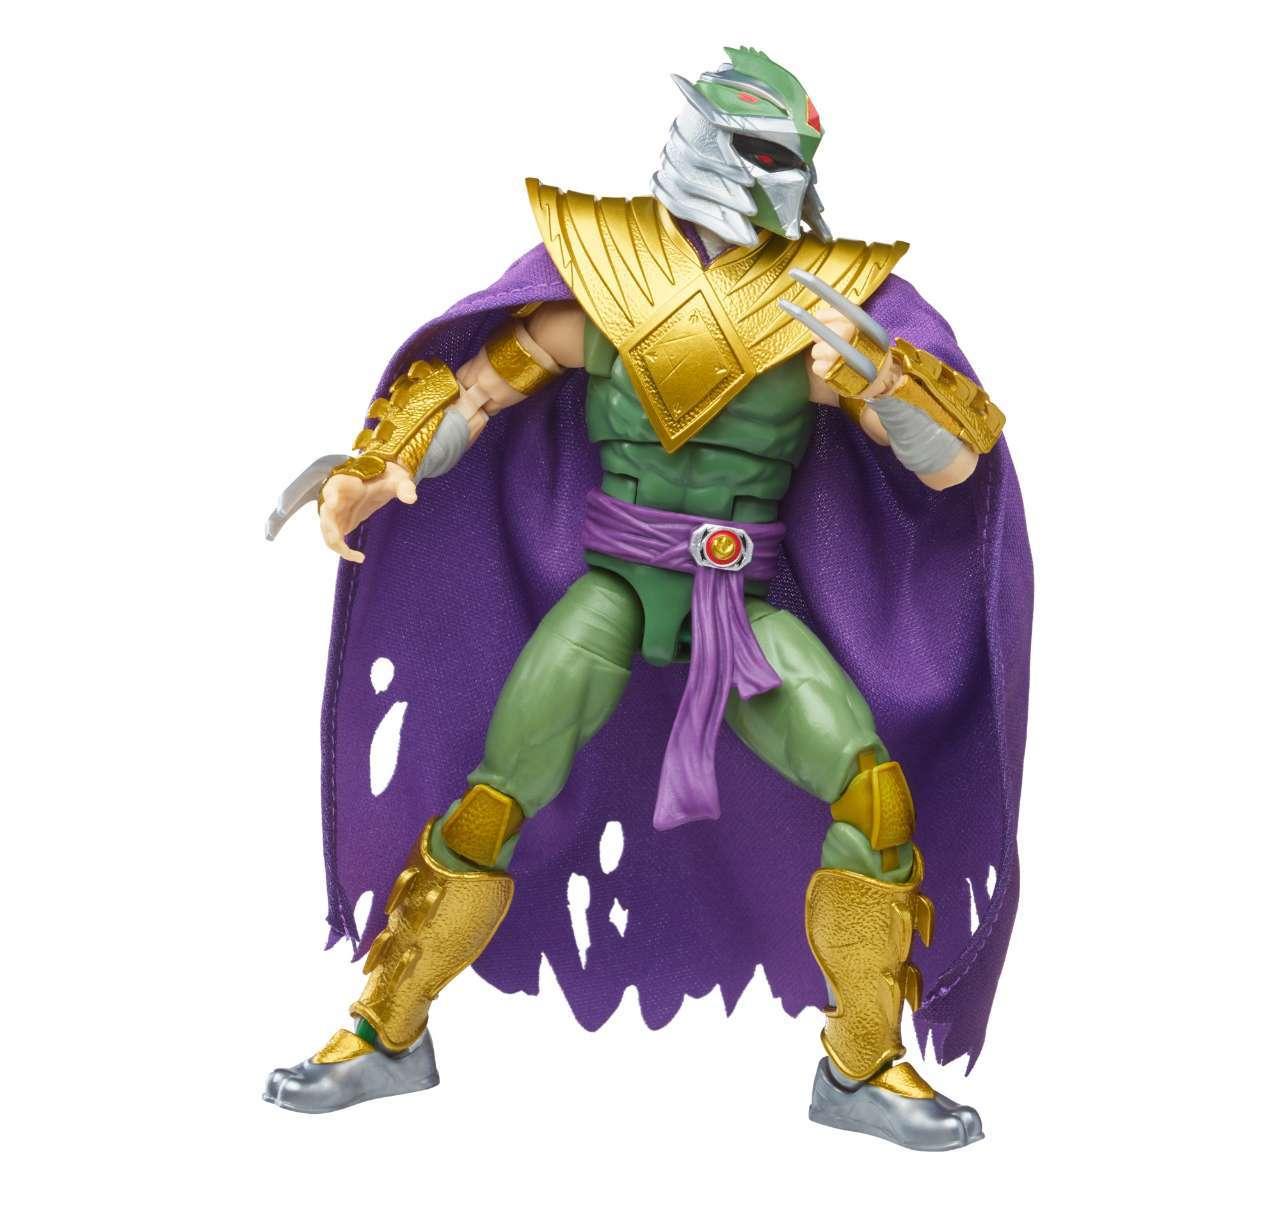 green-ranger-shredder-figure-2